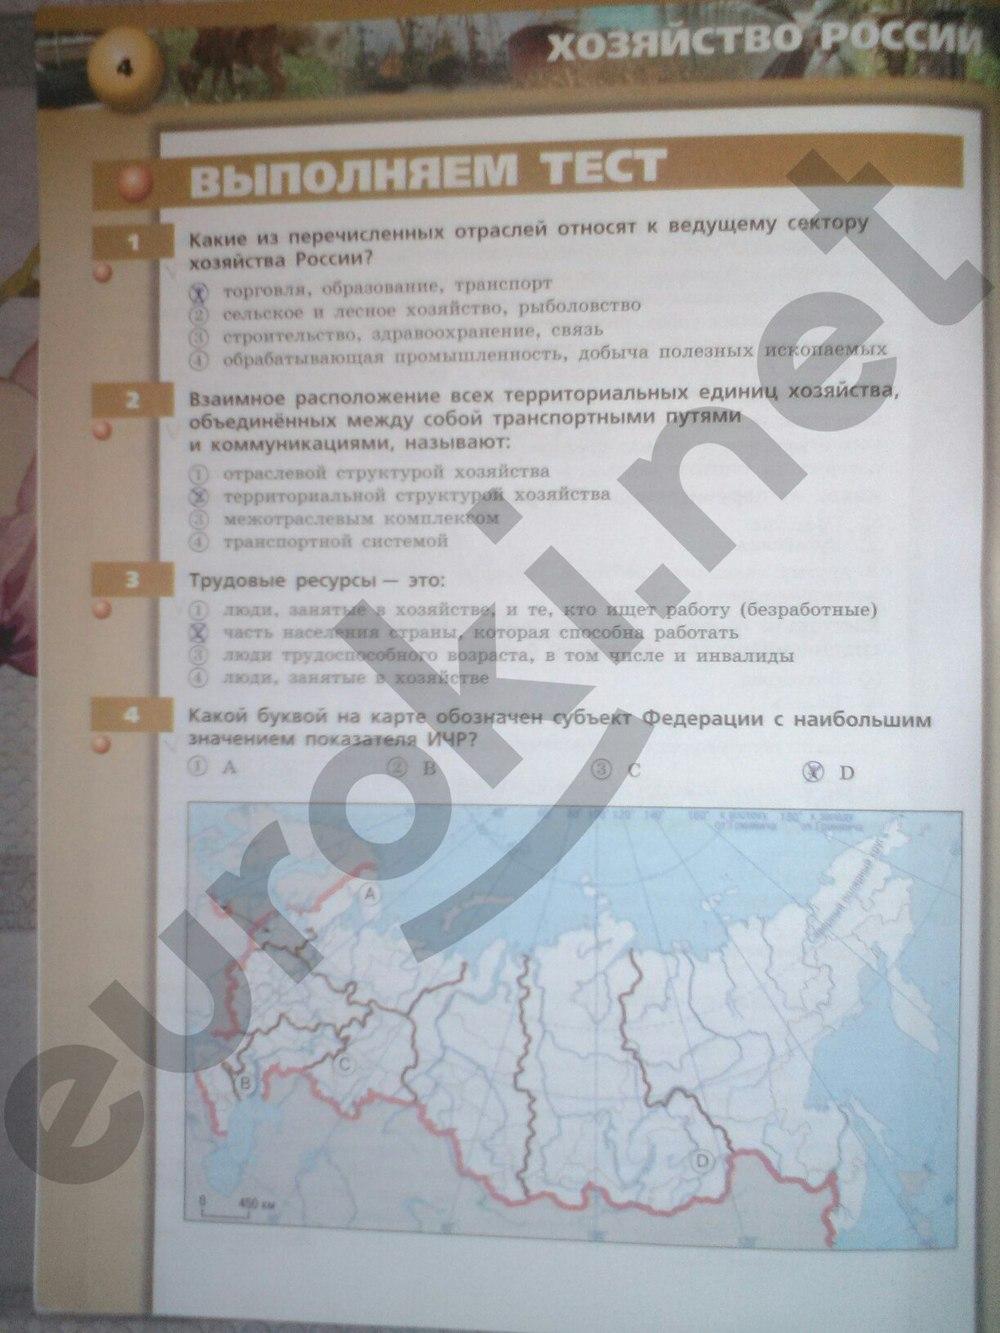 ГДЗ по географии 9 класс тетрадь тренажёр Ходова, Ольховая. Задание: стр. 4